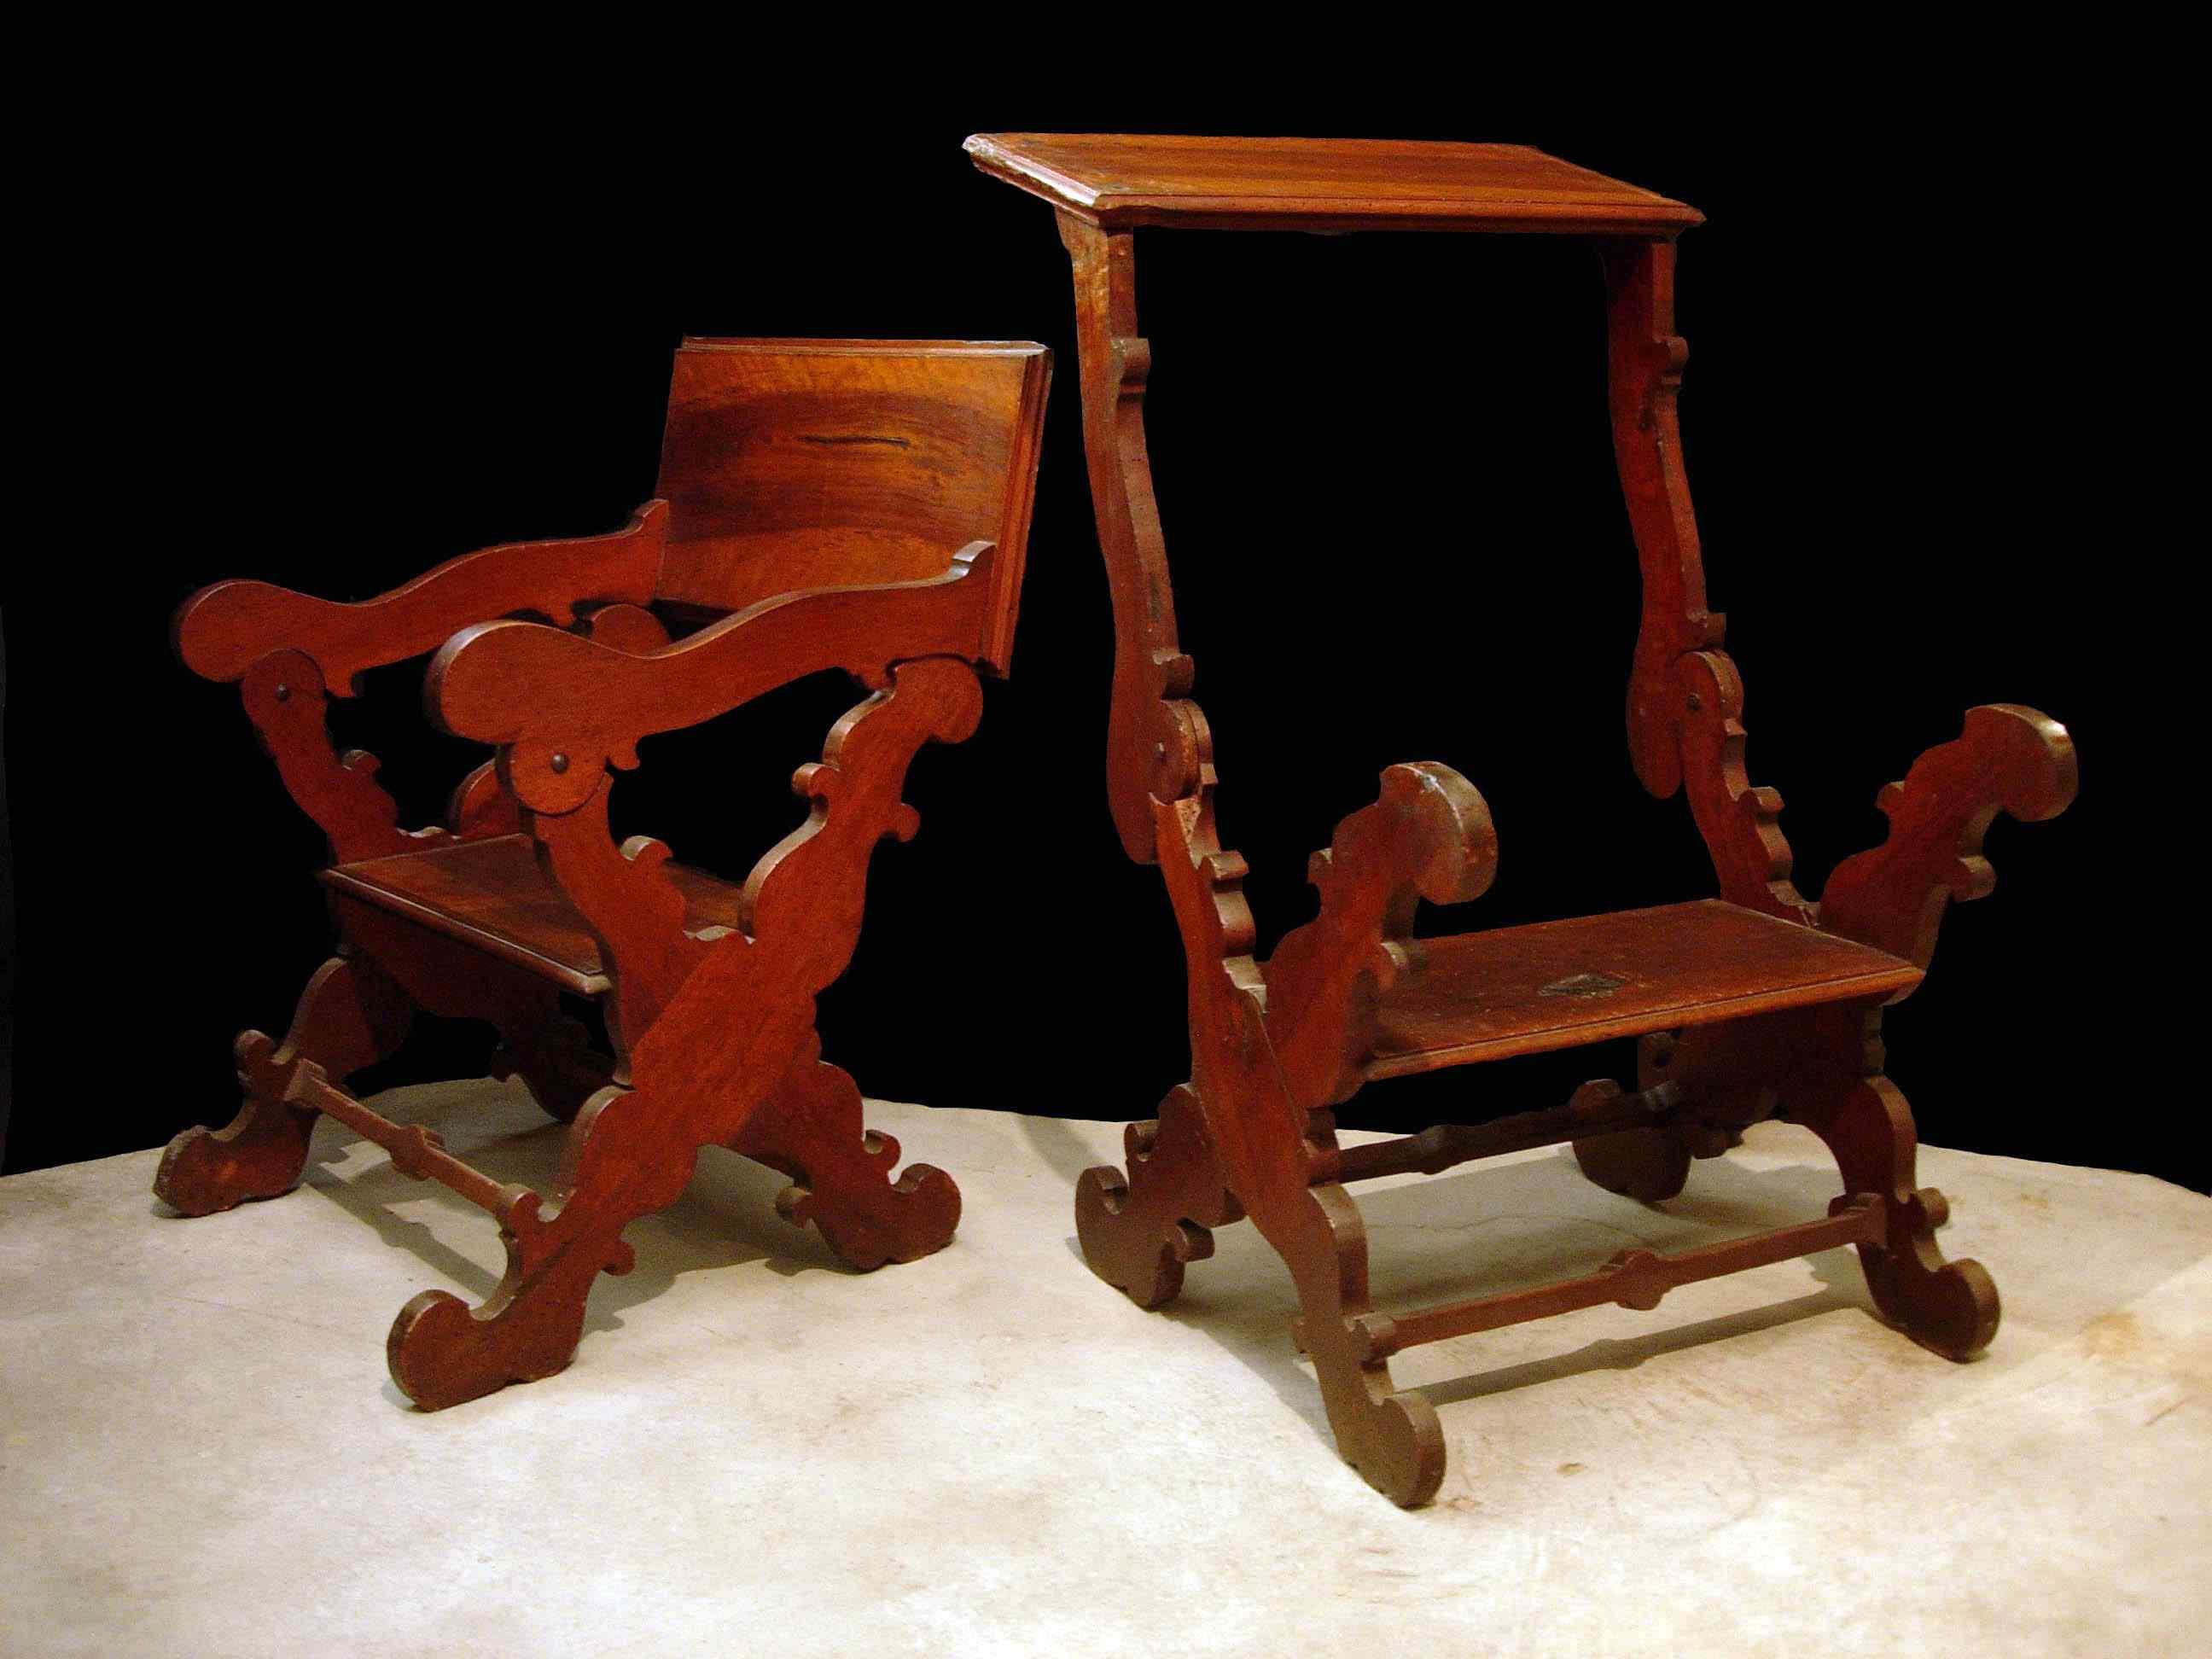 Paire de fauteuils à ciseaux, Toscane, 17ème siècle